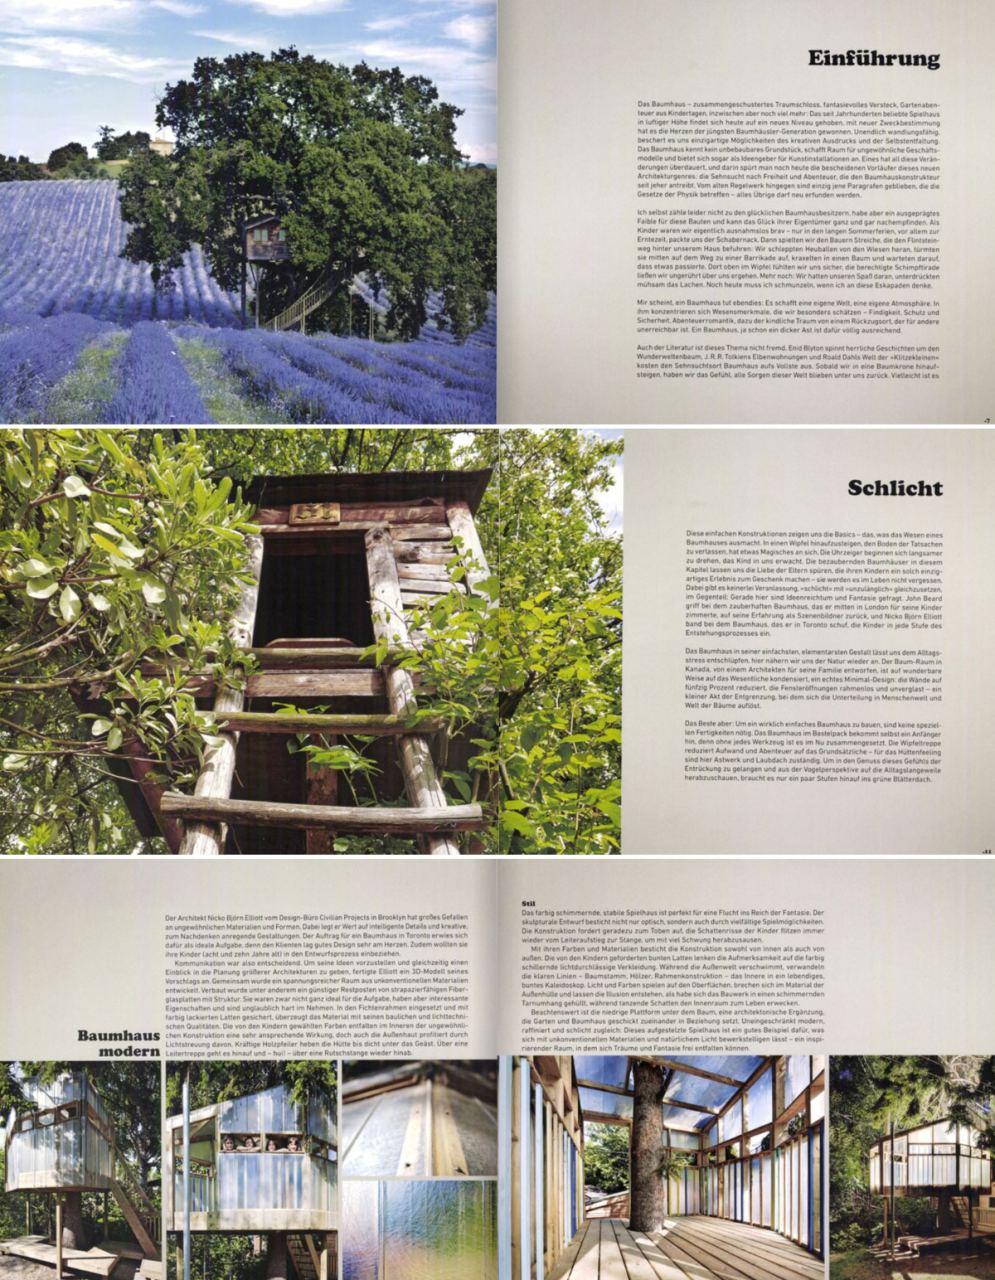 Mein himmlisches Baumhaus